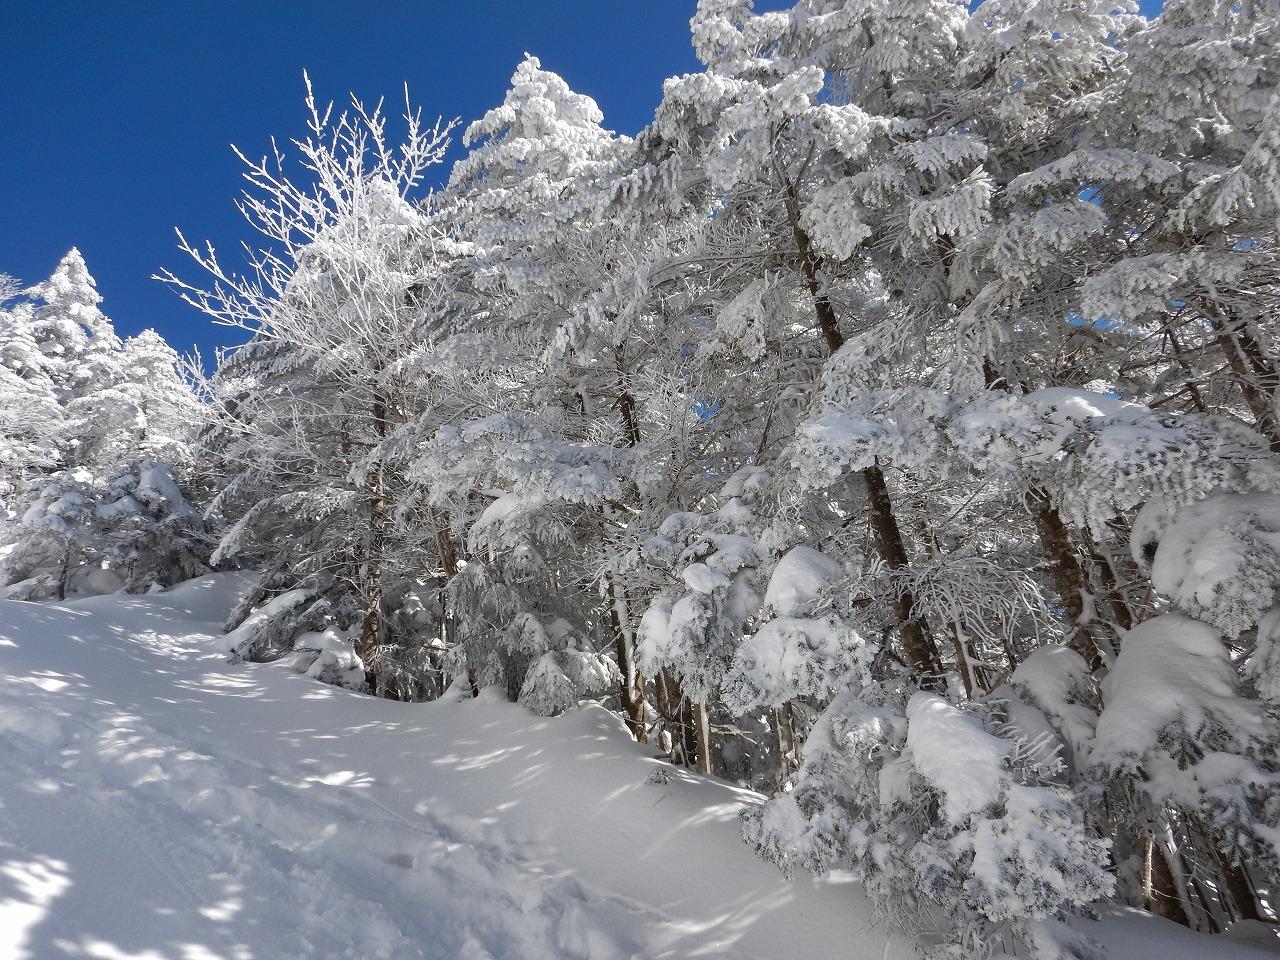 蓼科山、登山道風景。